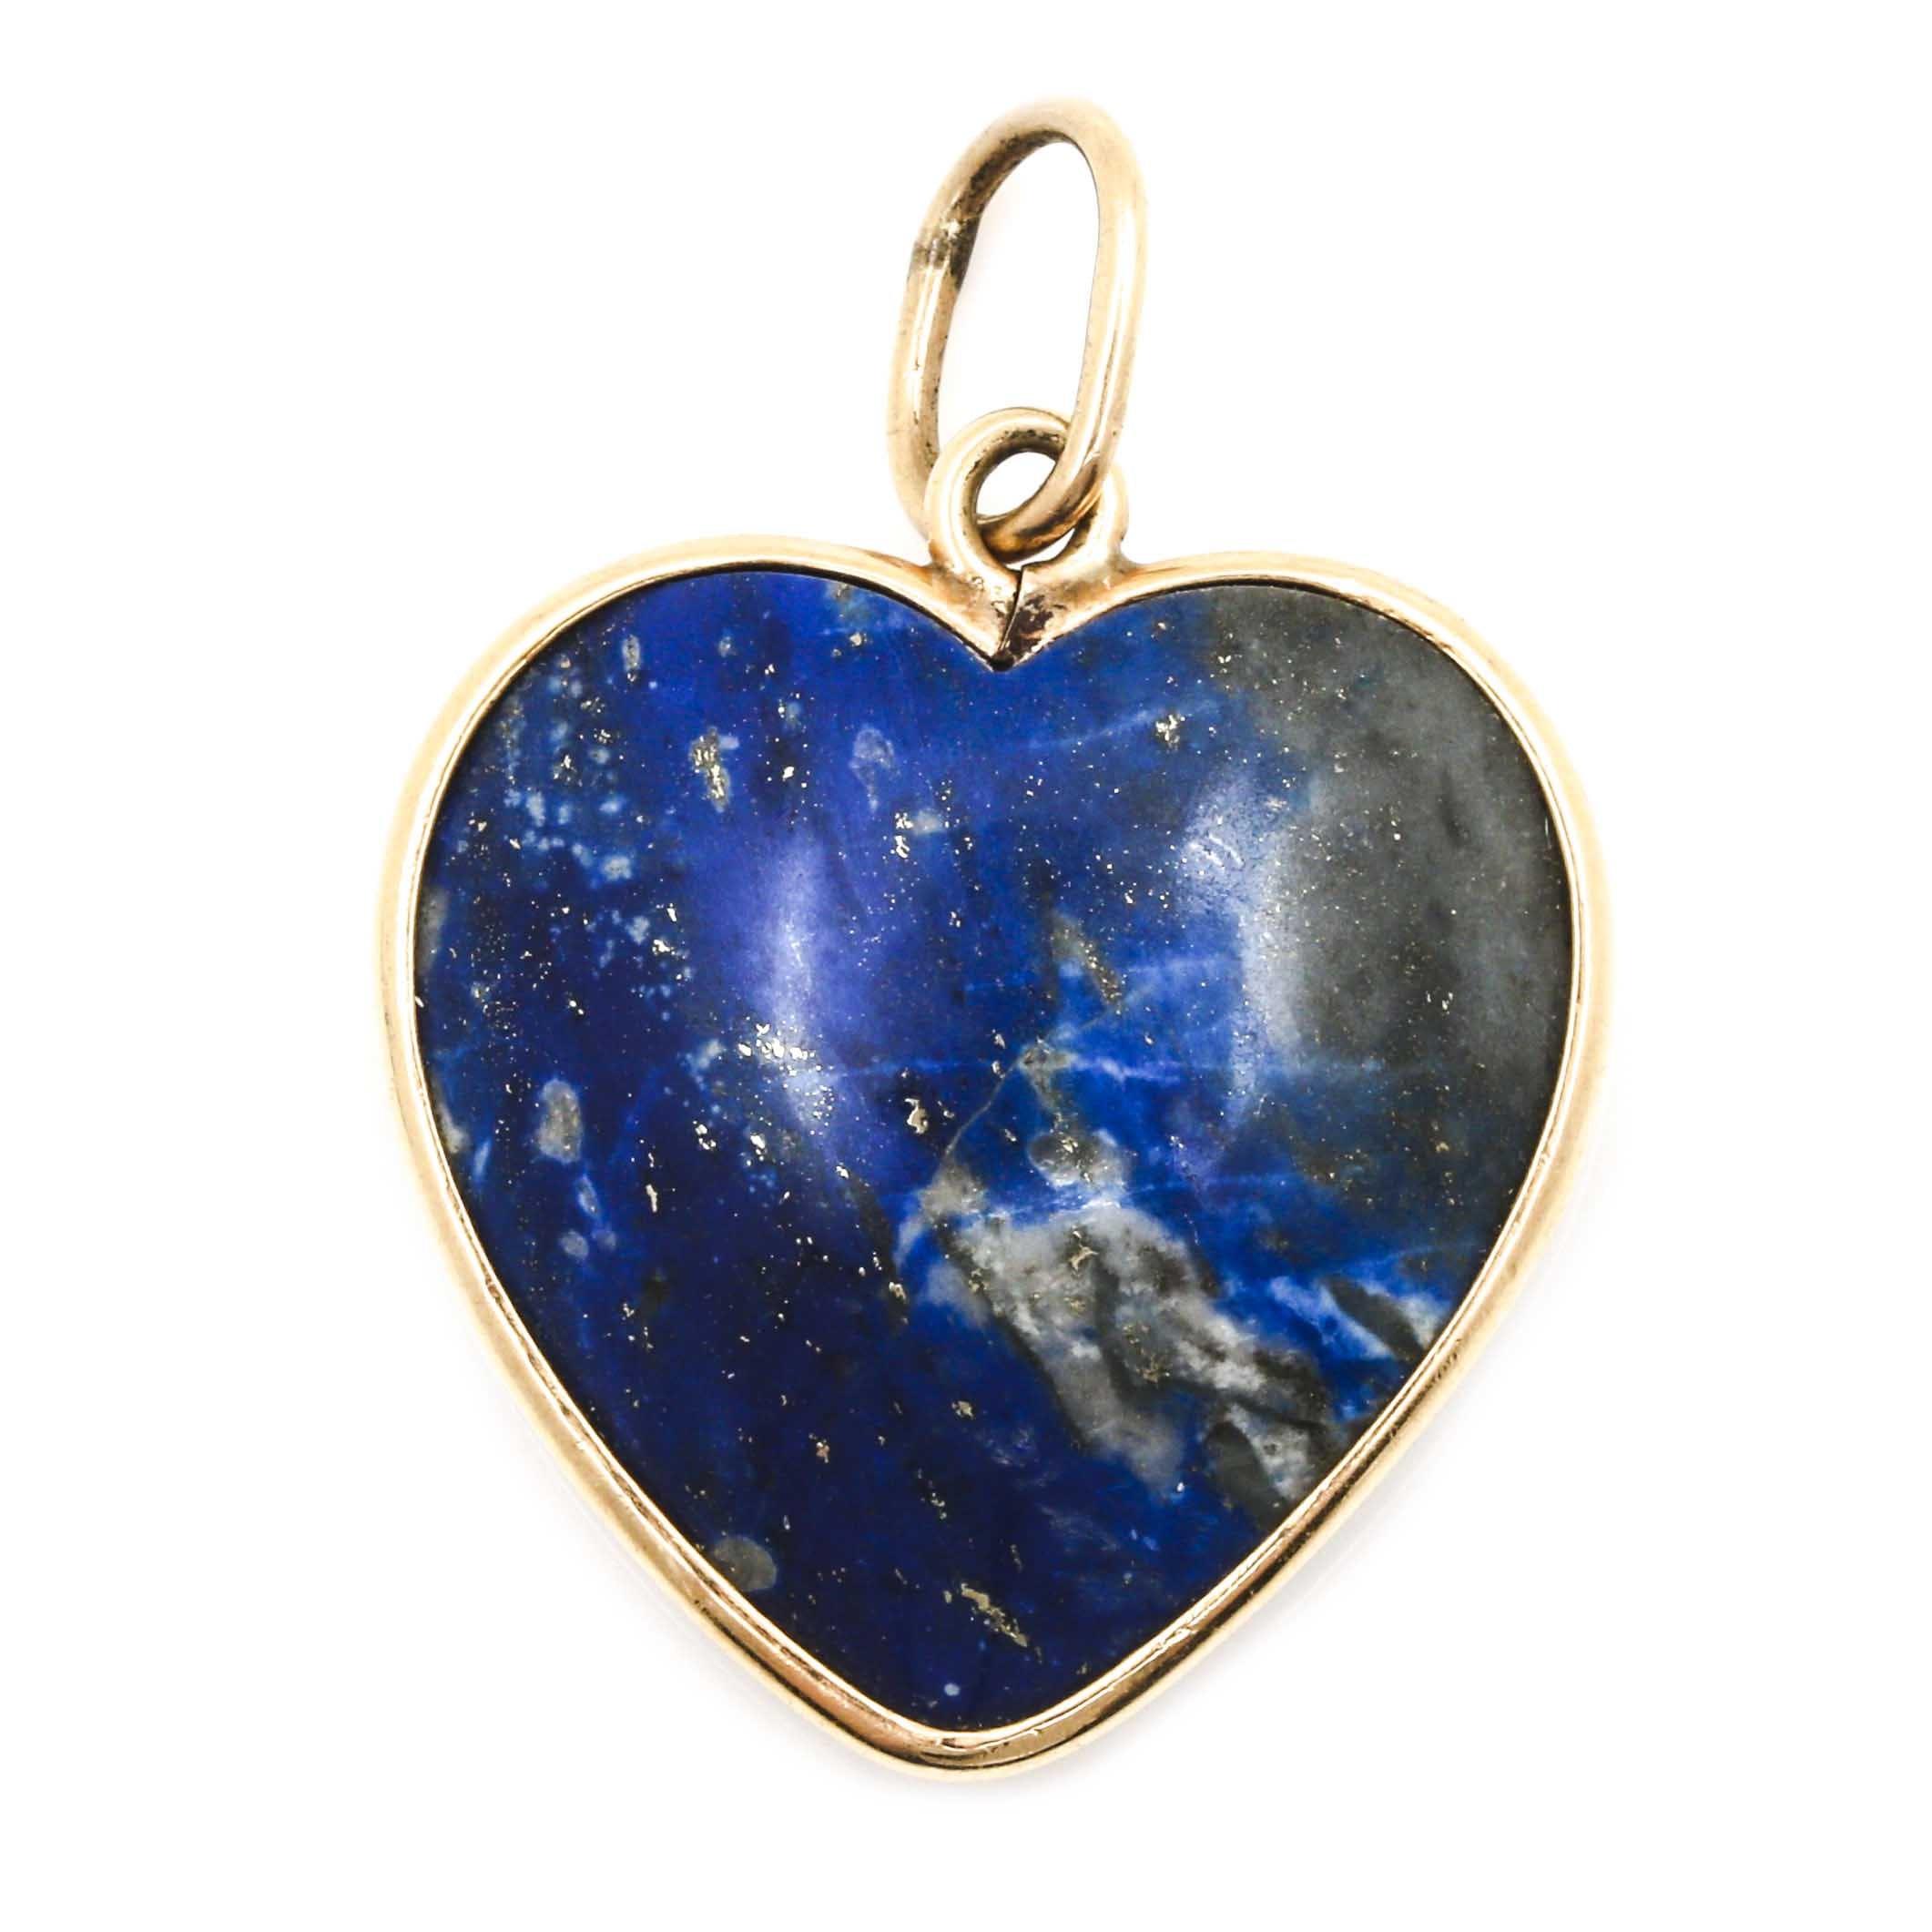 14K Yellow Gold Lapis Lazuli Heart Shaped Pendant